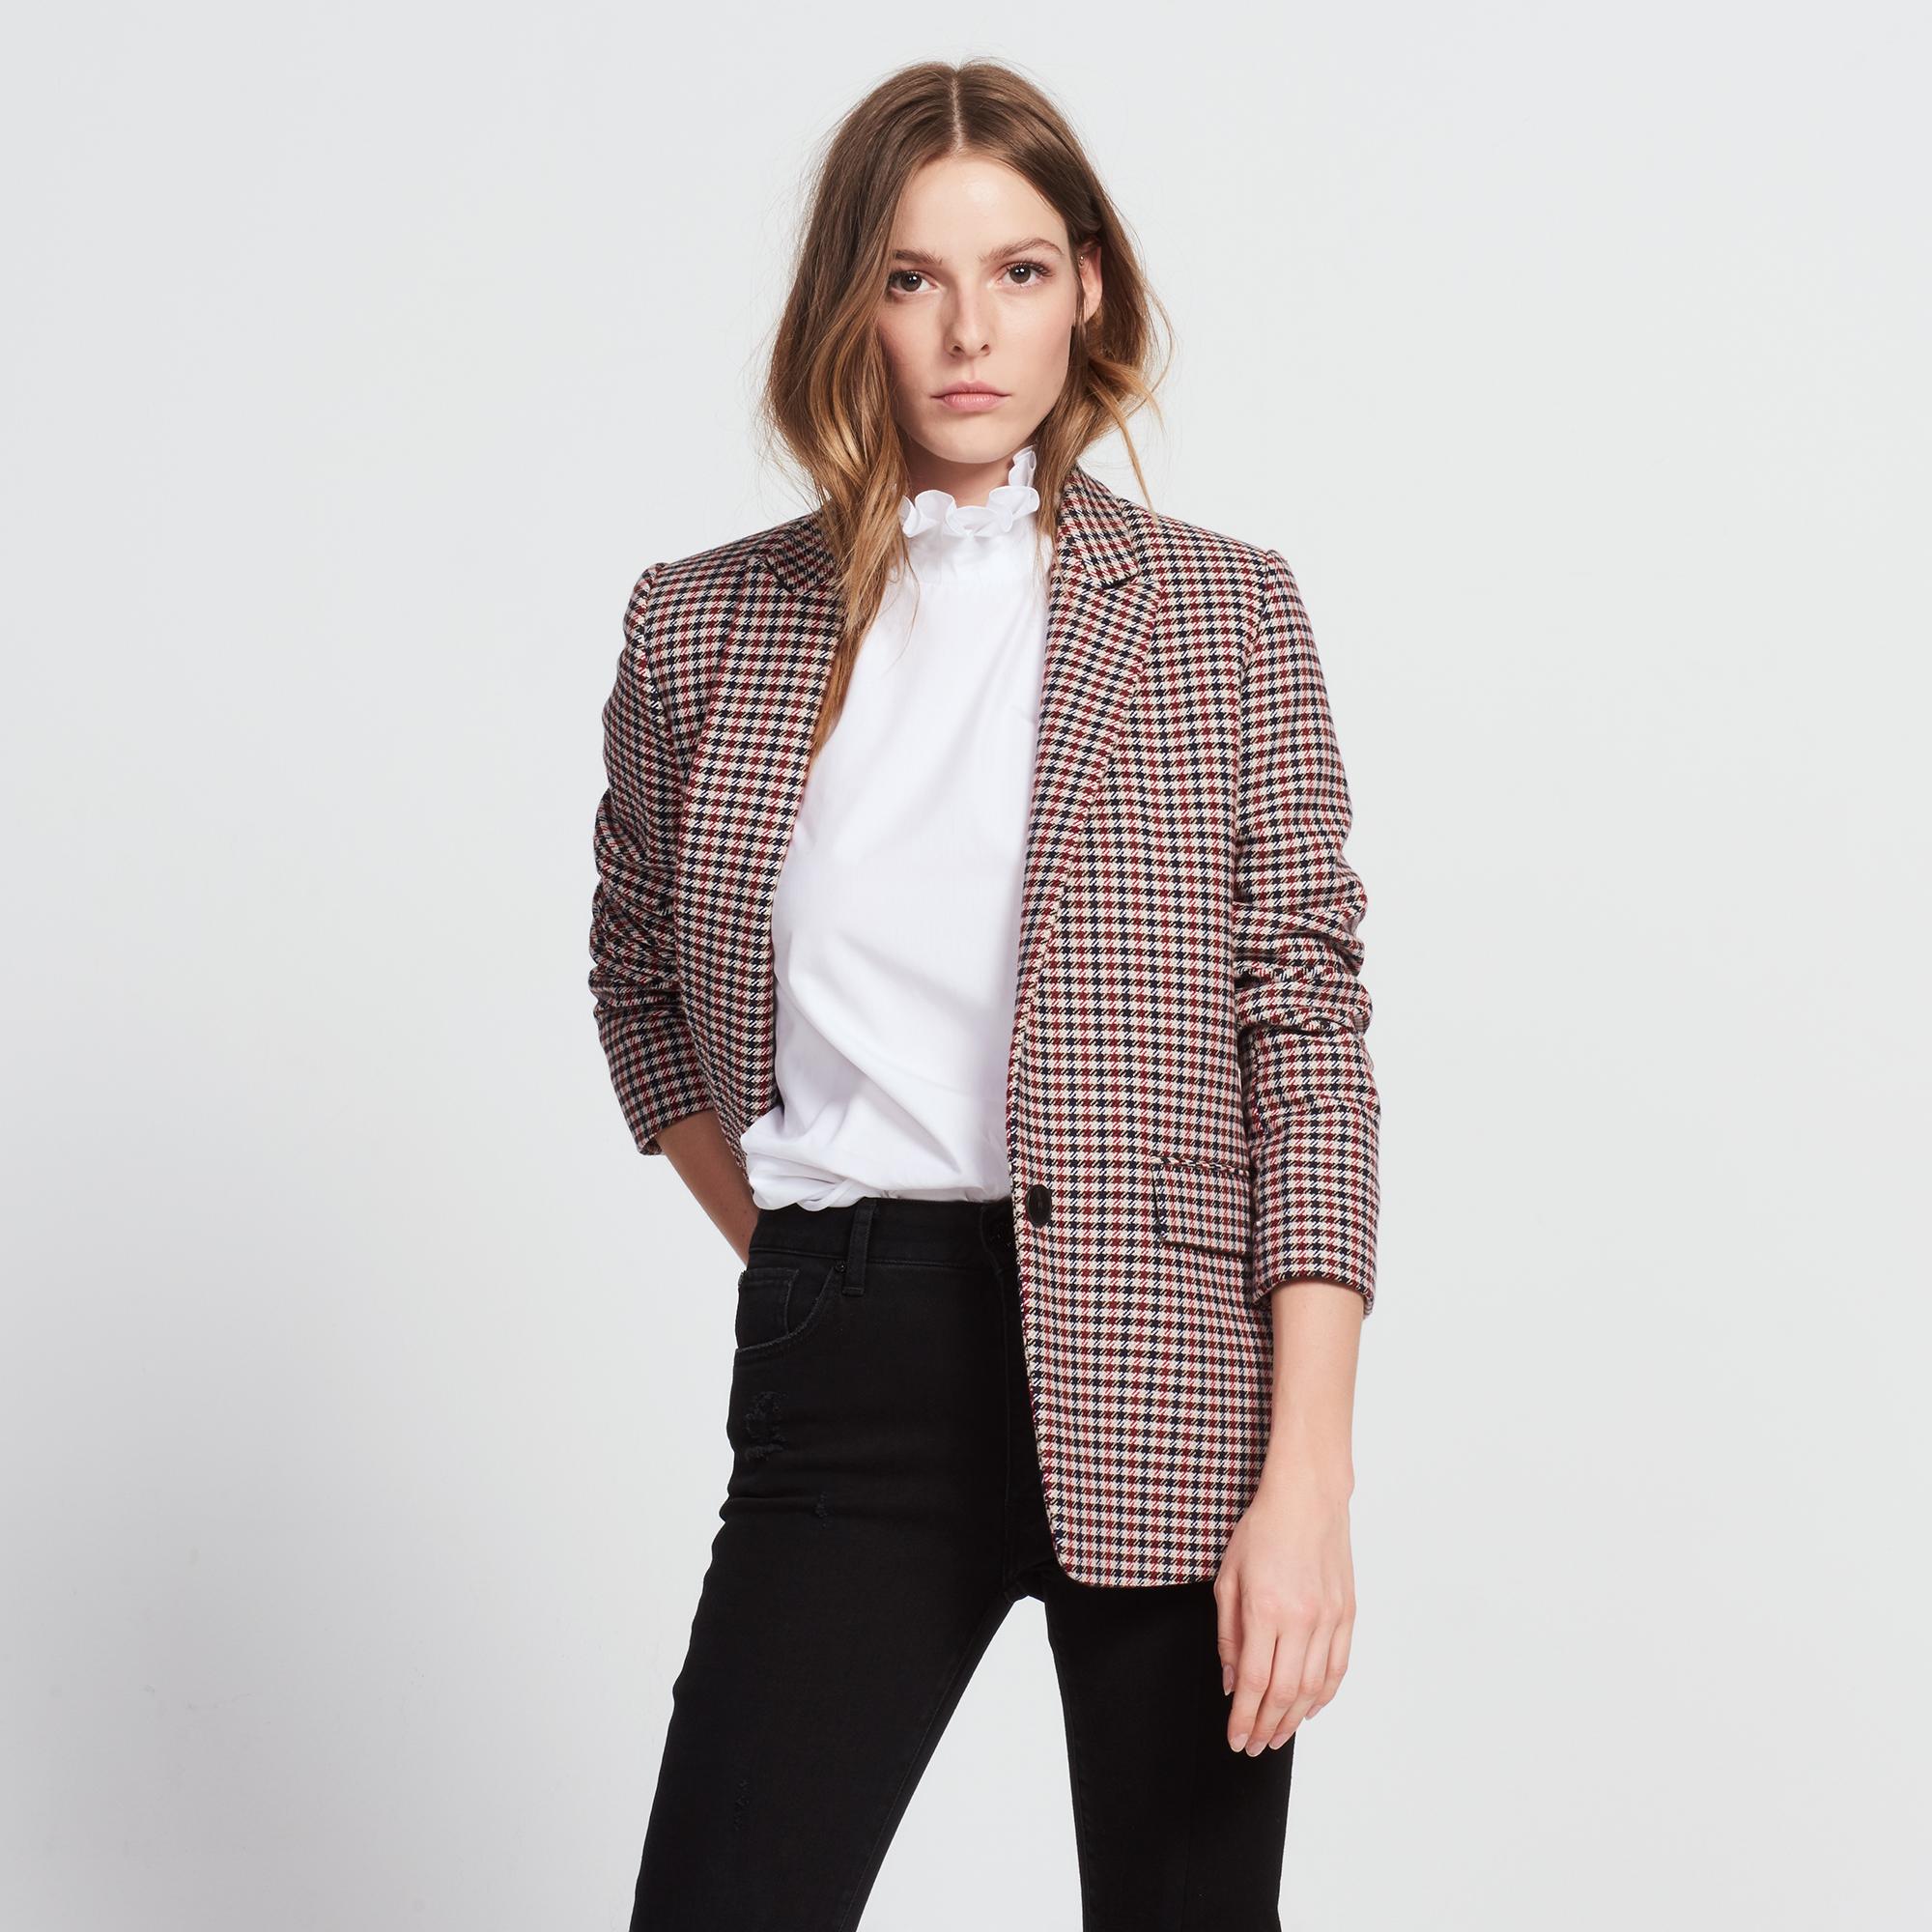 Floral cashmere-print silk dress - Nos produits - Sandro-paris.com